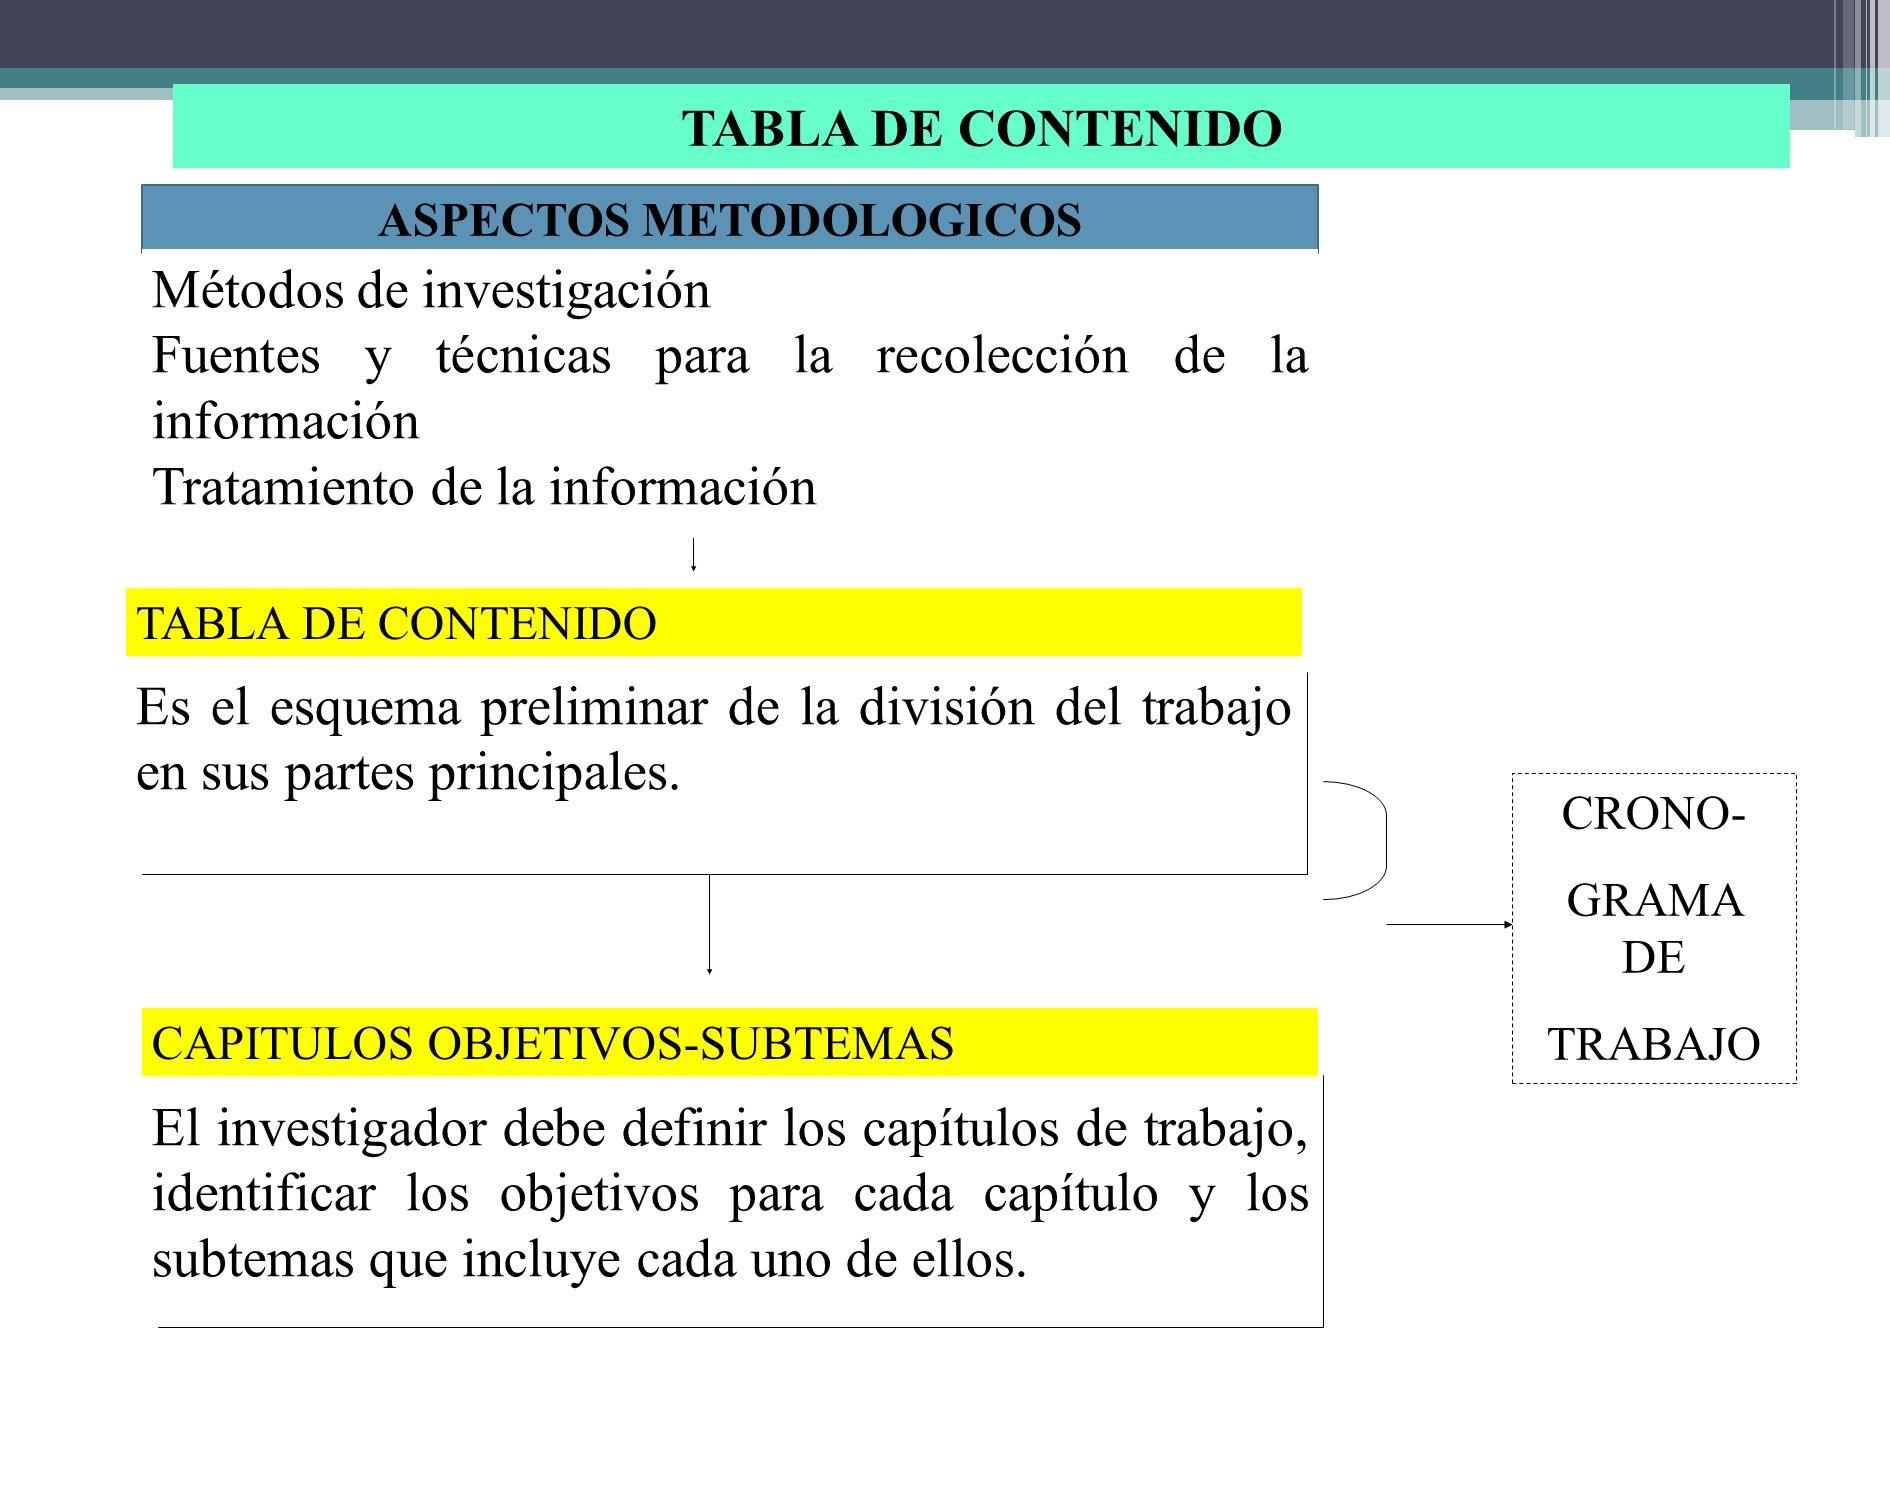 TRATAMIENTO DE LA INFORMACION El investigador debe definir la forma de presentación de los datos, representación escrita, semitabular, tabular, uso de